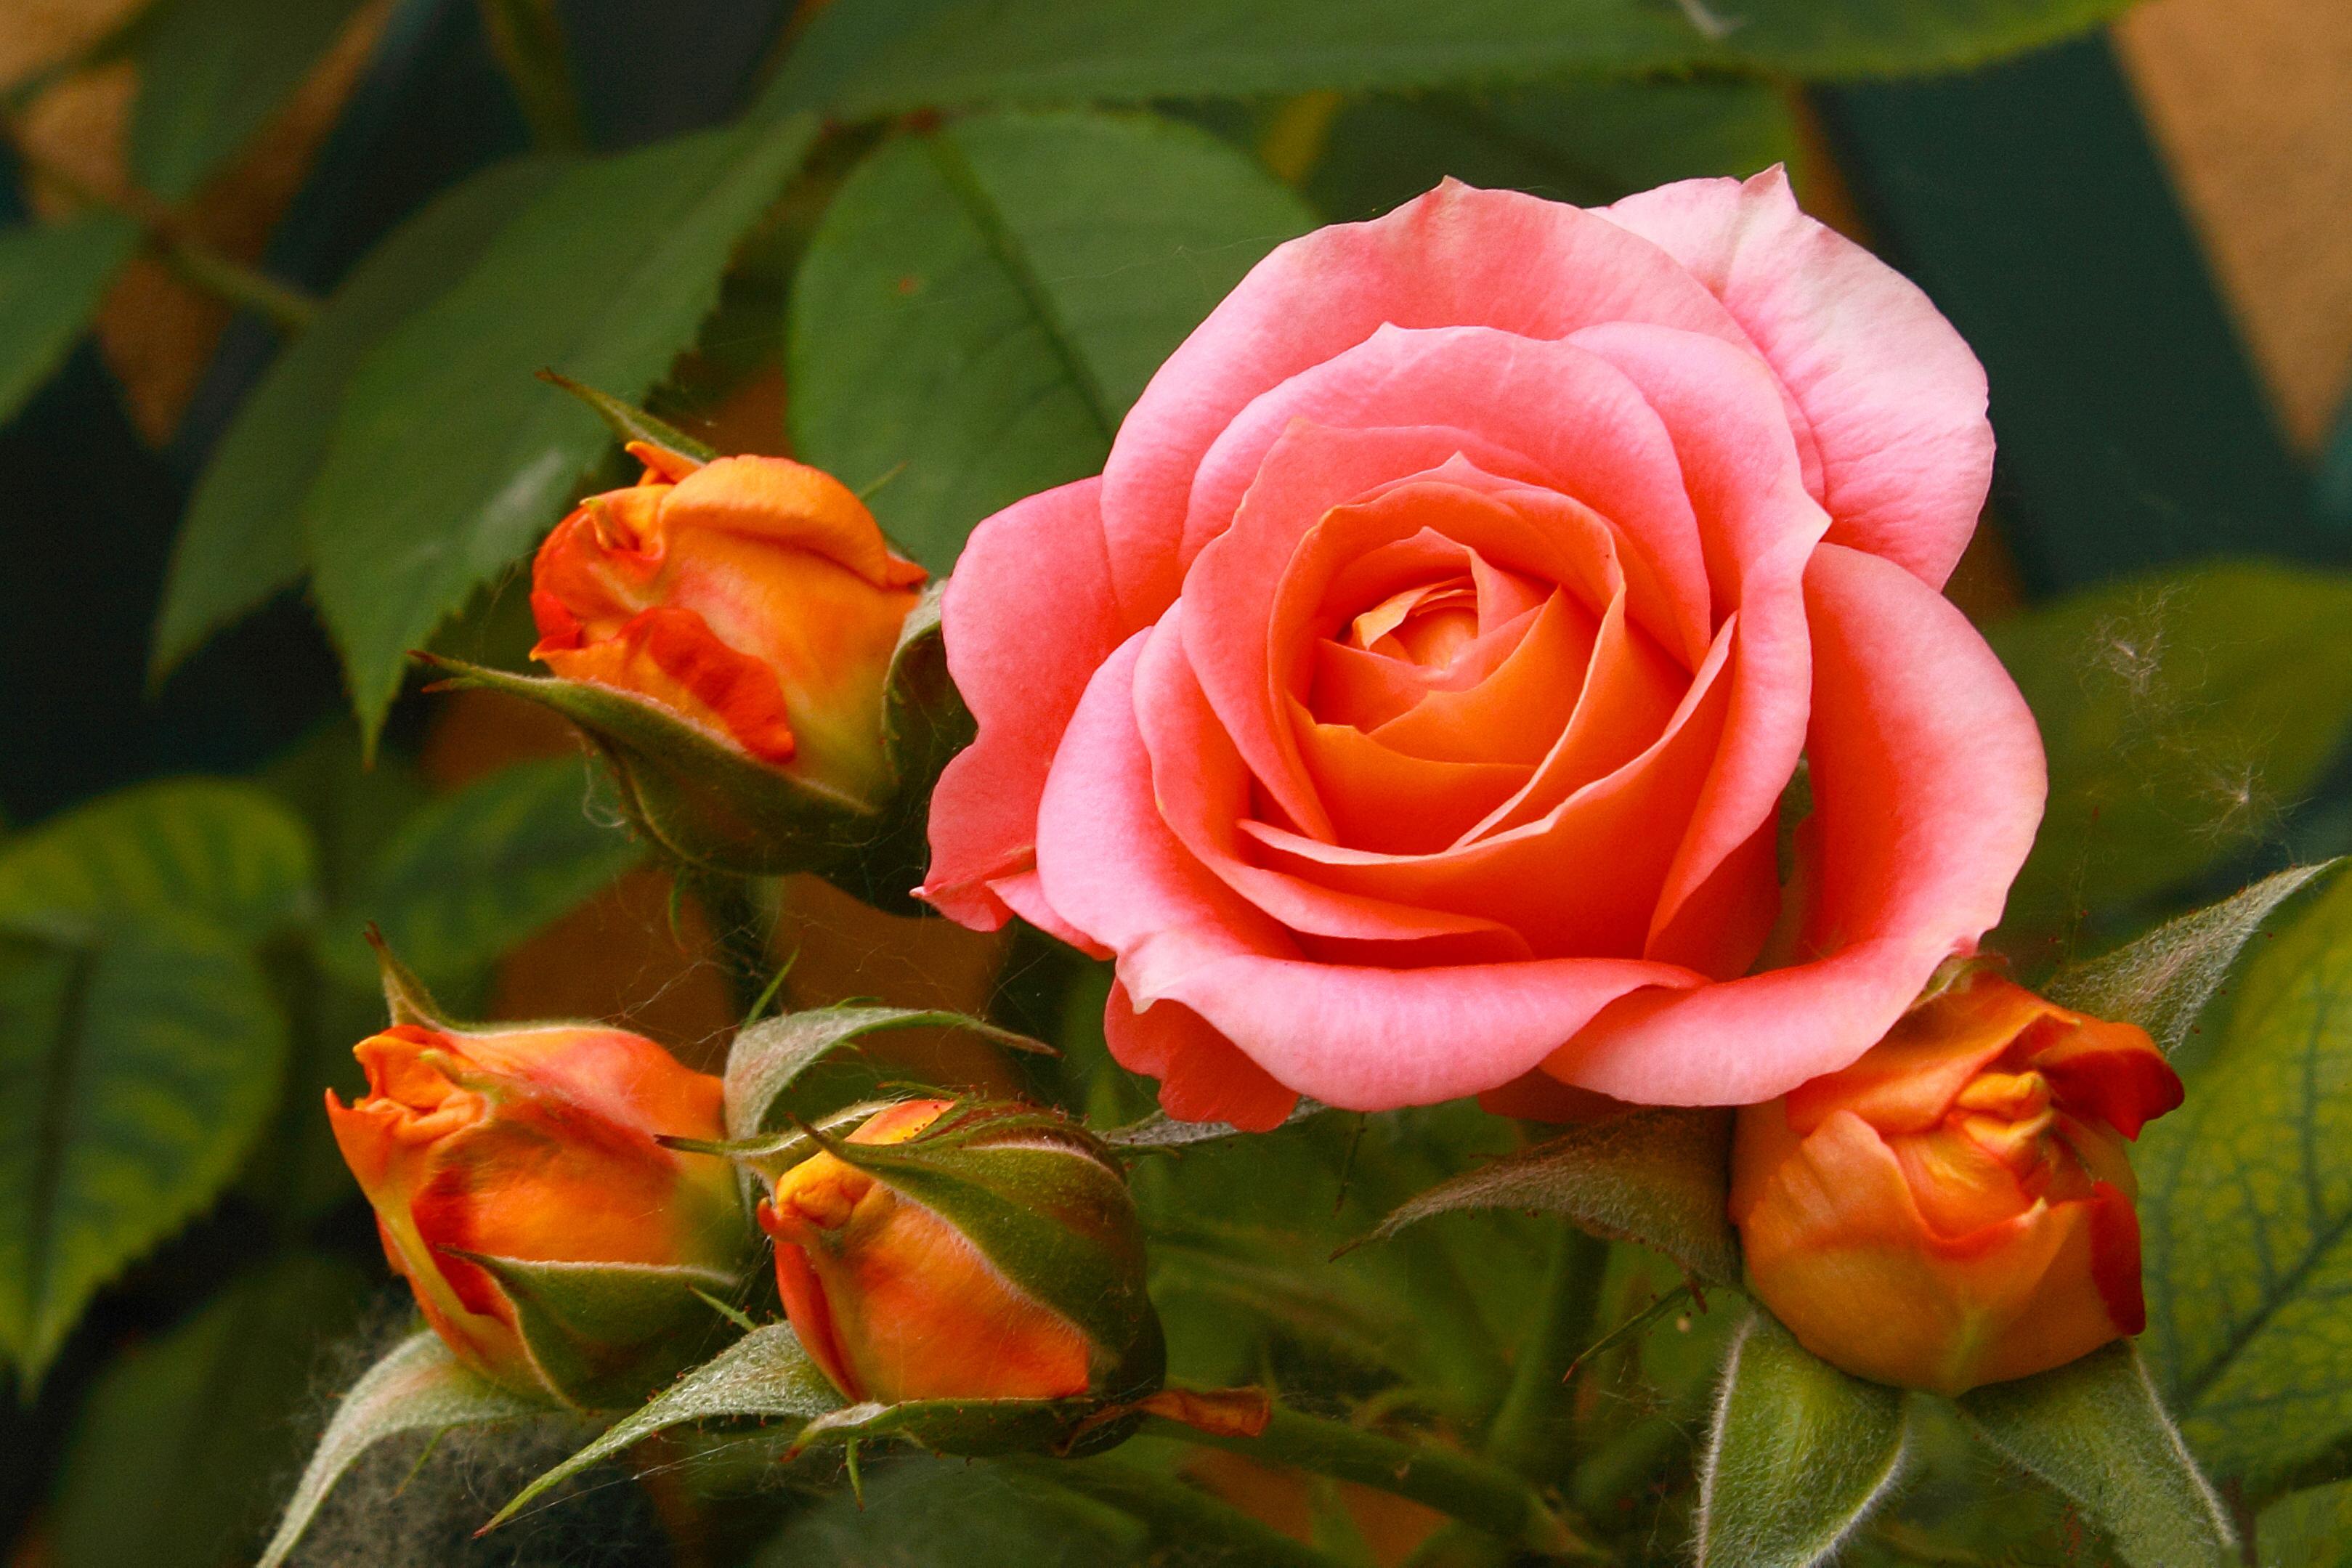 Фото розы очень высокого разрешения